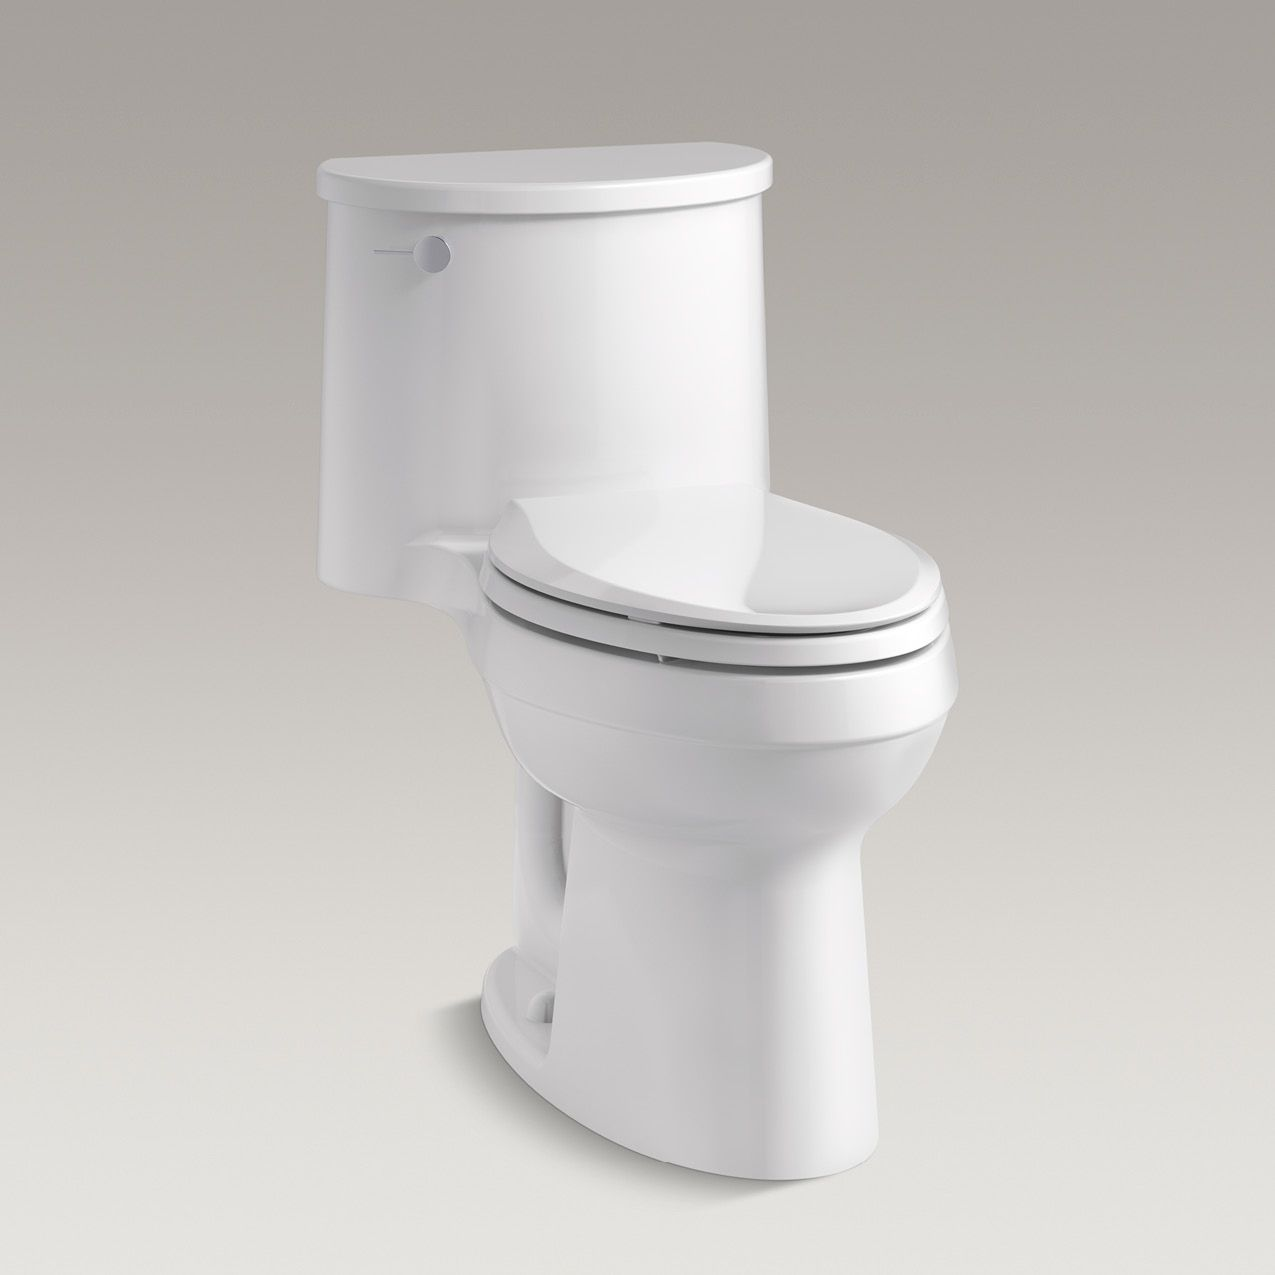 Adair Comfort Height One Piece Elongated Toilet K 3946 Kohler Kohler Kohler Kohler Toilet One Piece Toilets